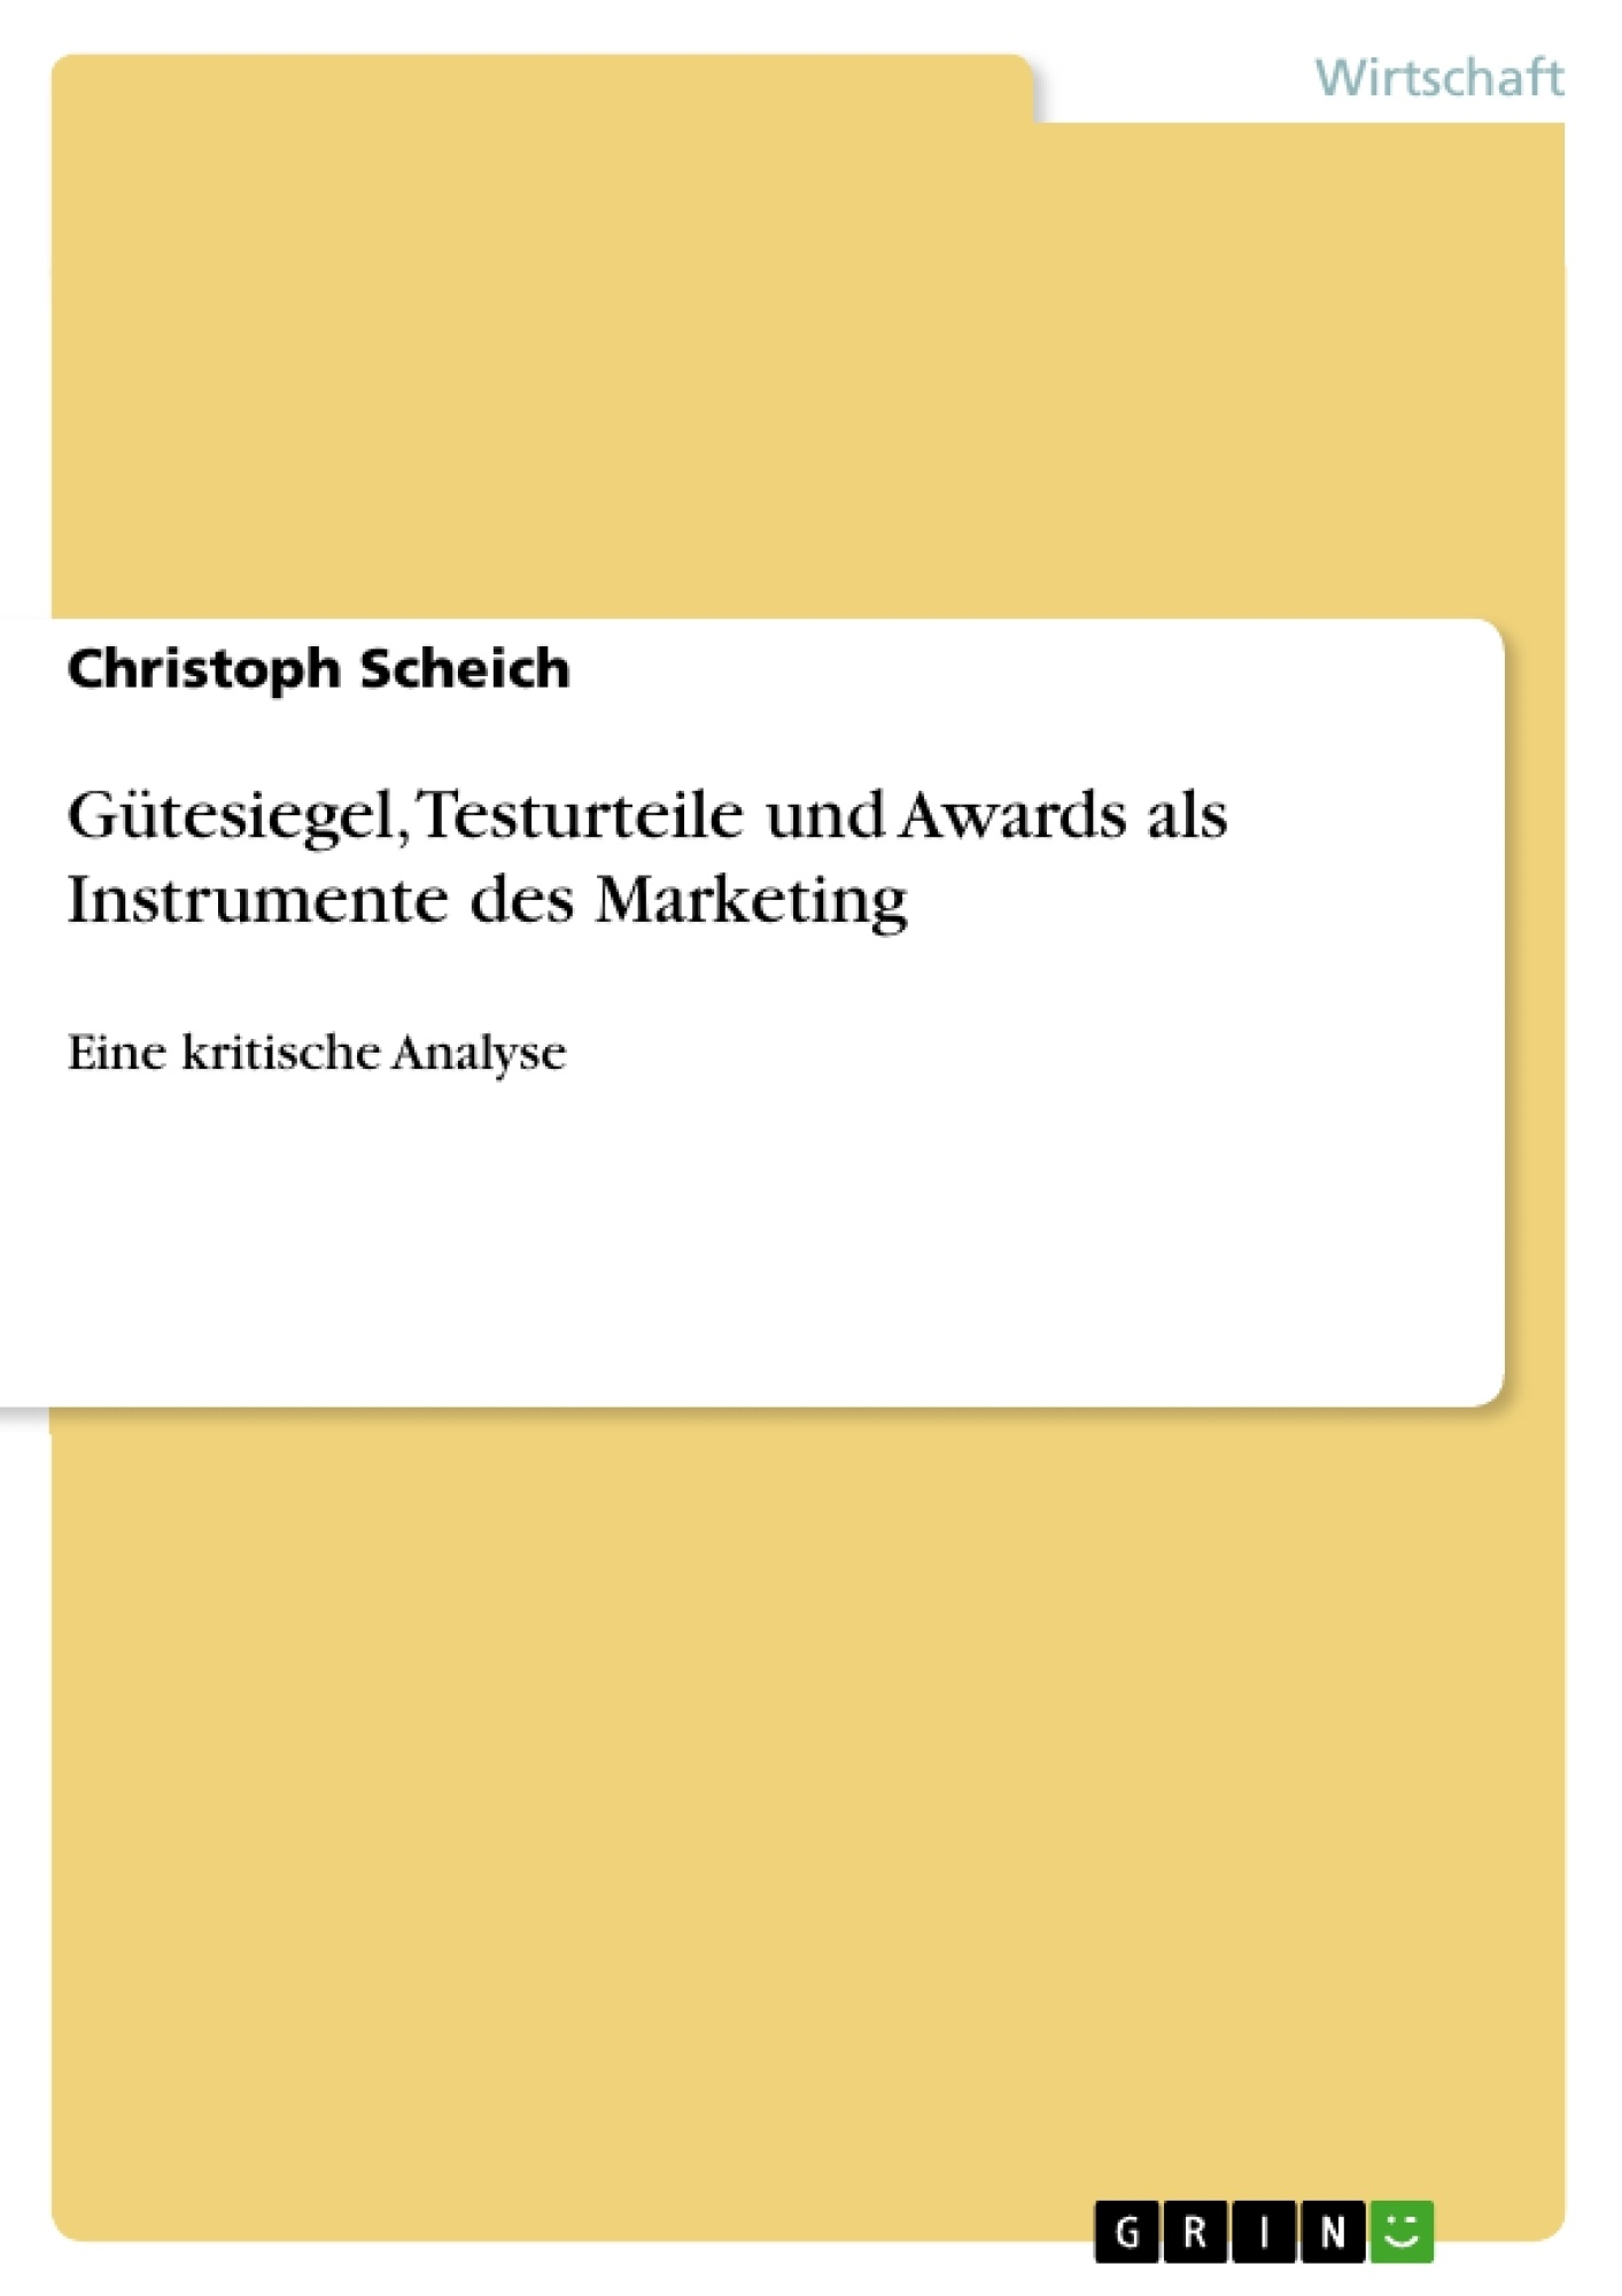 Titel: Gütesiegel, Testurteile und Awards als Instrumente des Marketing